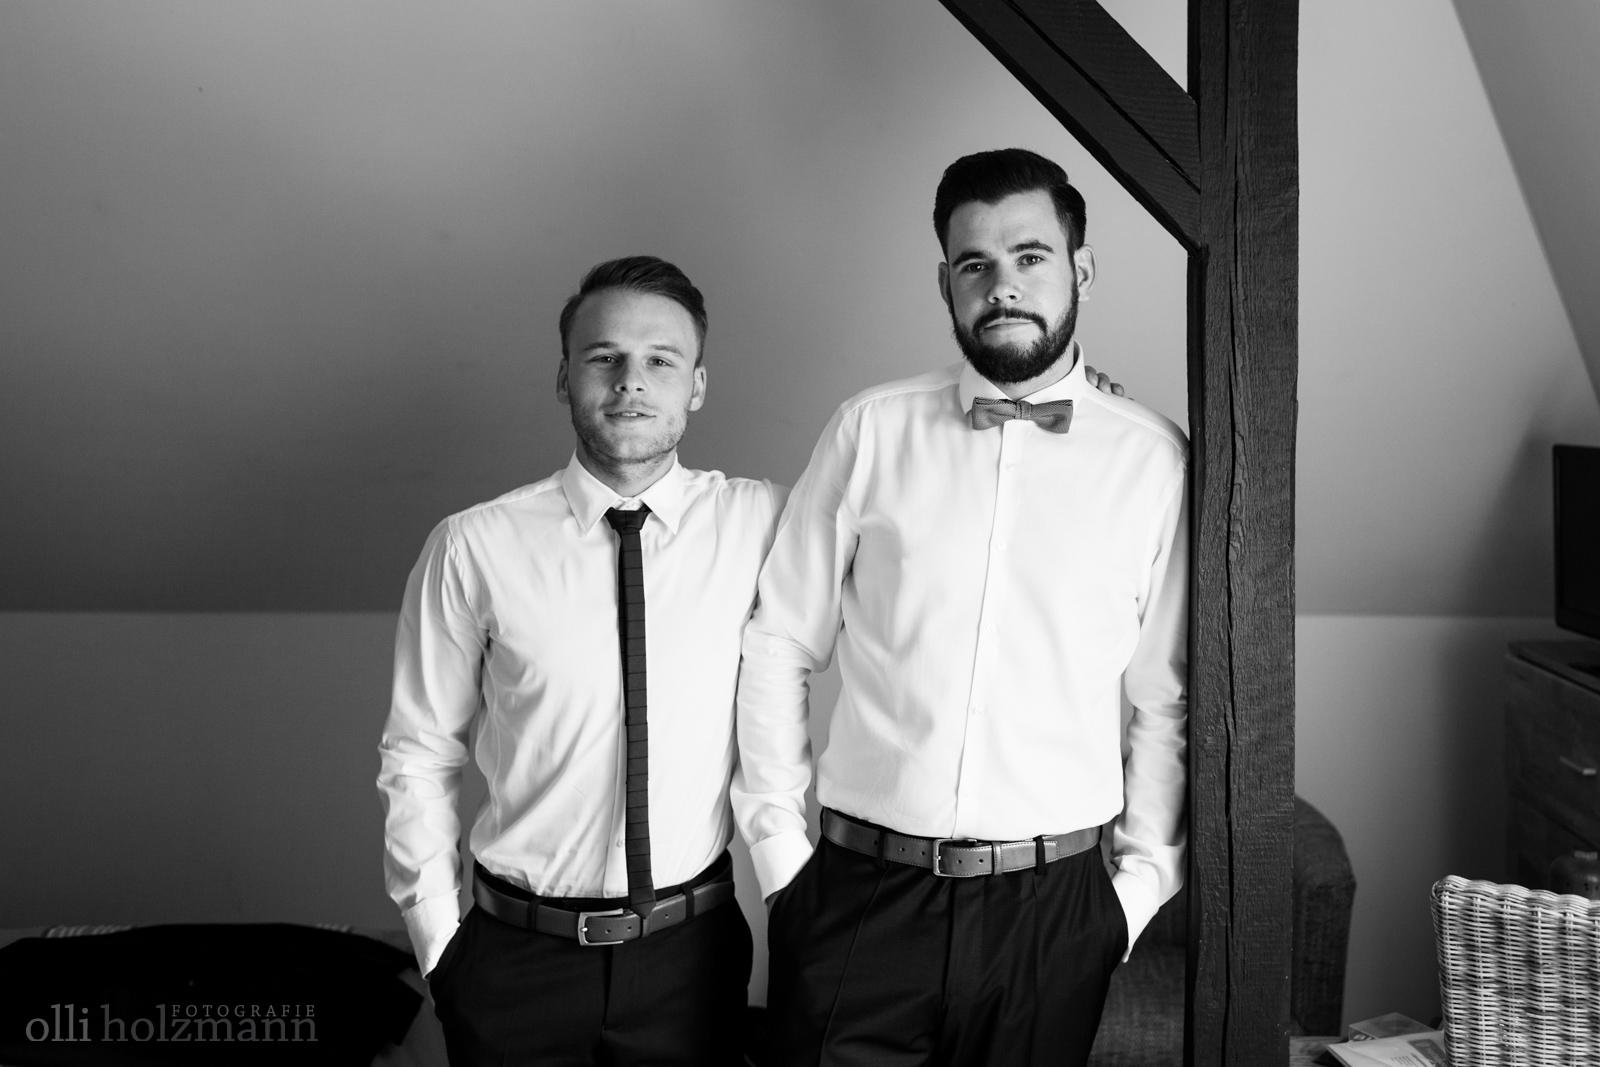 Hochzeitsfotograf_Sonsbeck-12.jpg